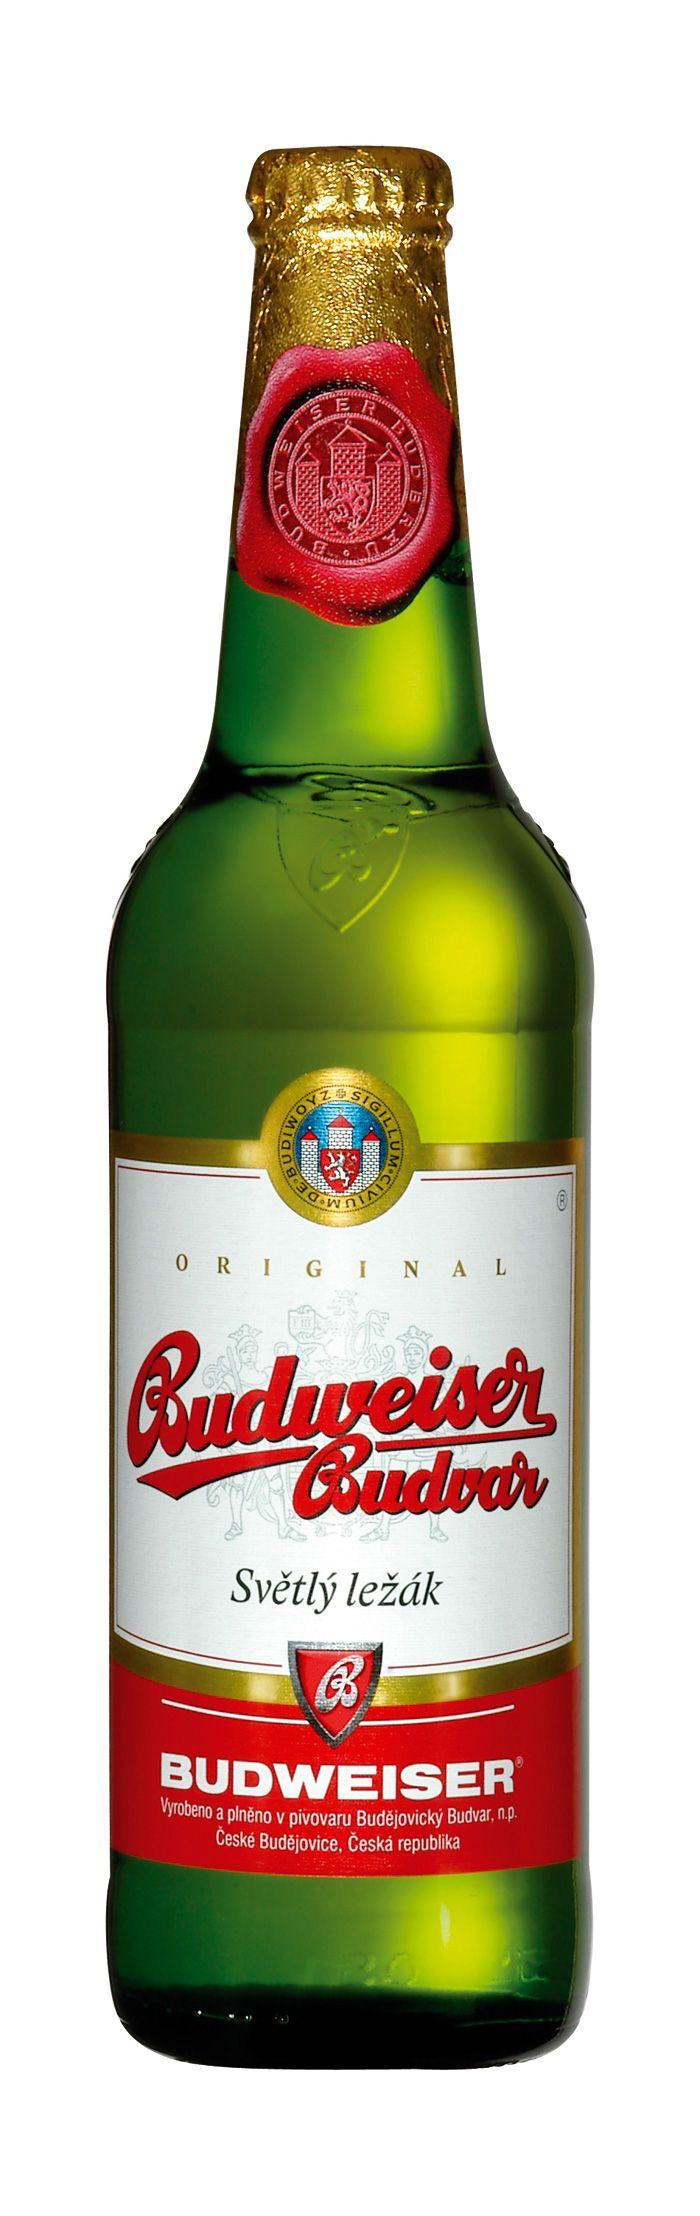 Budweiser clipart beer bottle On best Budweiser BottlesCzech Beer